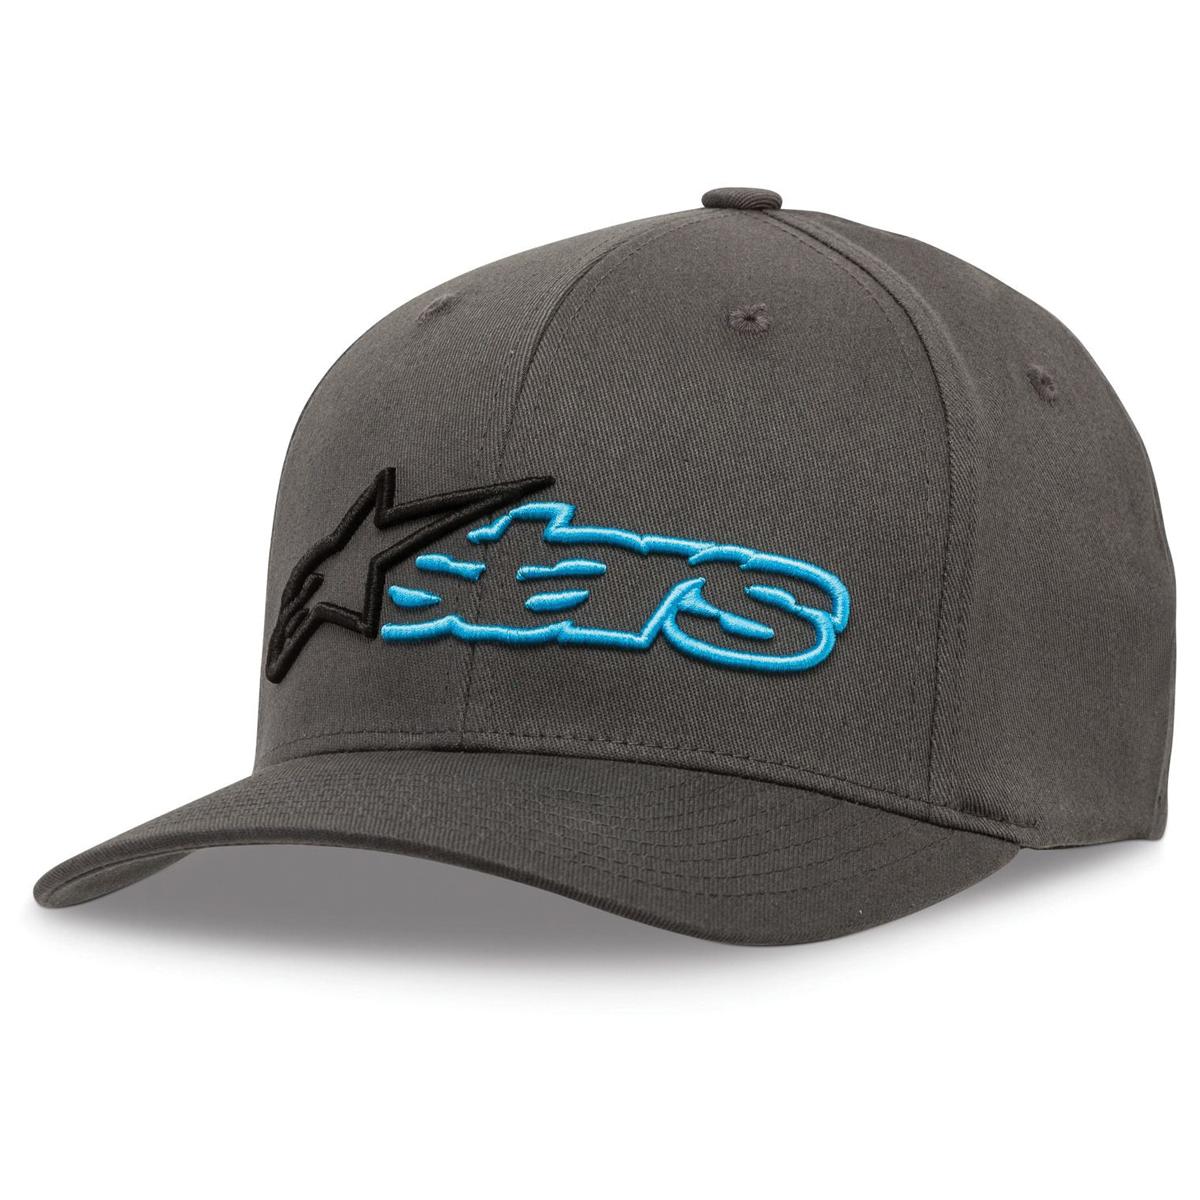 Alpinestars Reblaze Charcoal/Black Curved Bill Hat